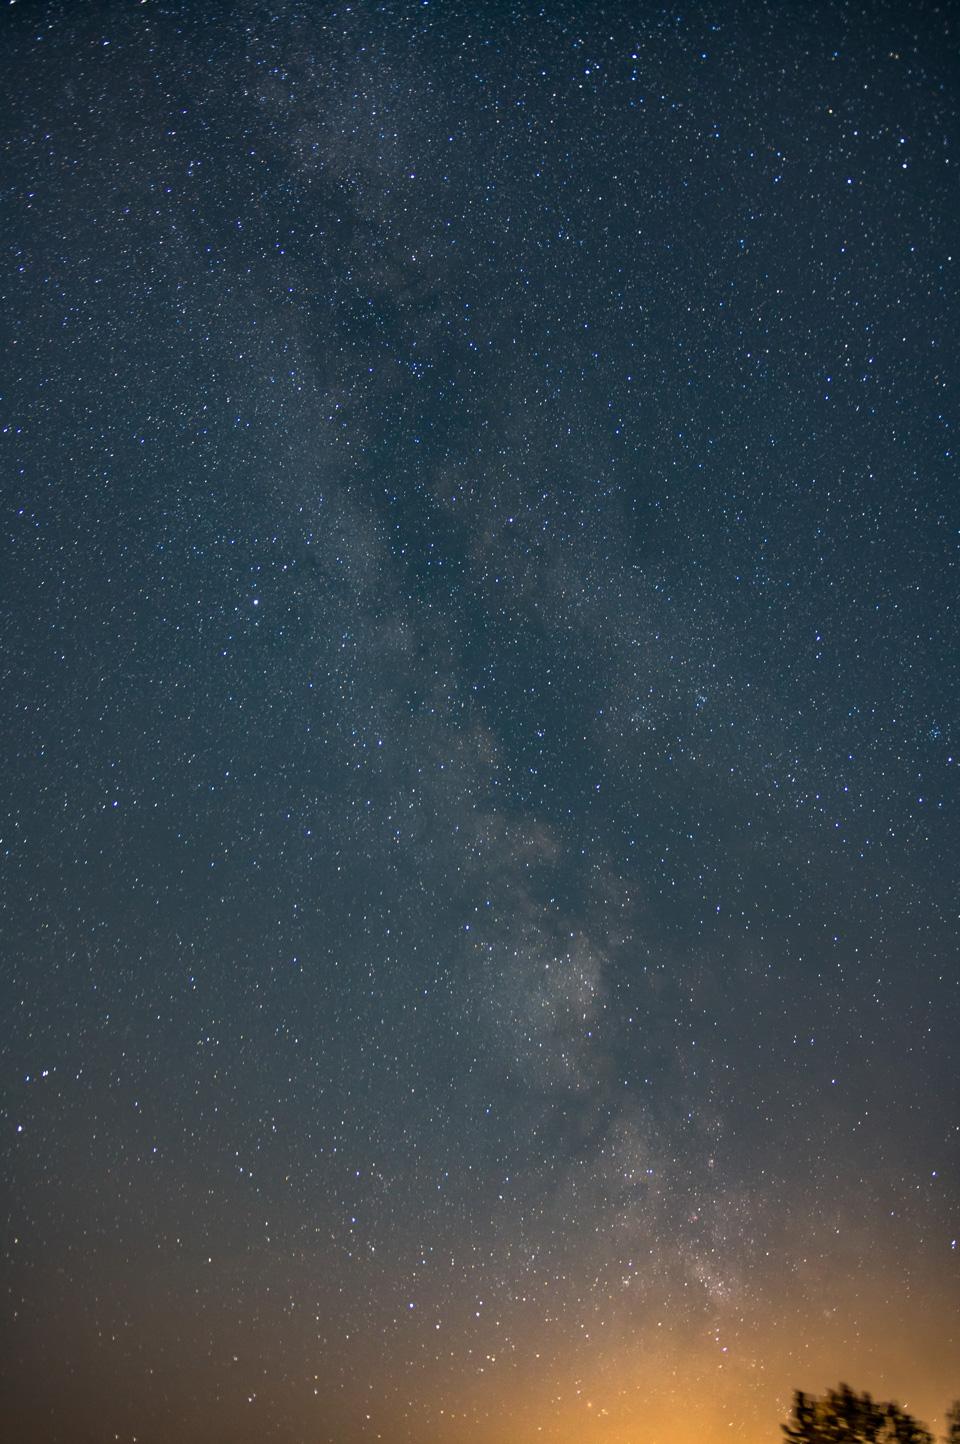 Zdjęcie Pawła Grzeszczuka, które zapewniło mu 1. miejsce wkonkursie Astronomicznym. Nagrodą był 8-calowy Dobson odSky-Watcher, wraz zautografem gen. Mirosława Hermaszewskiego. Tylkopozazdrościć takiej nagrody…